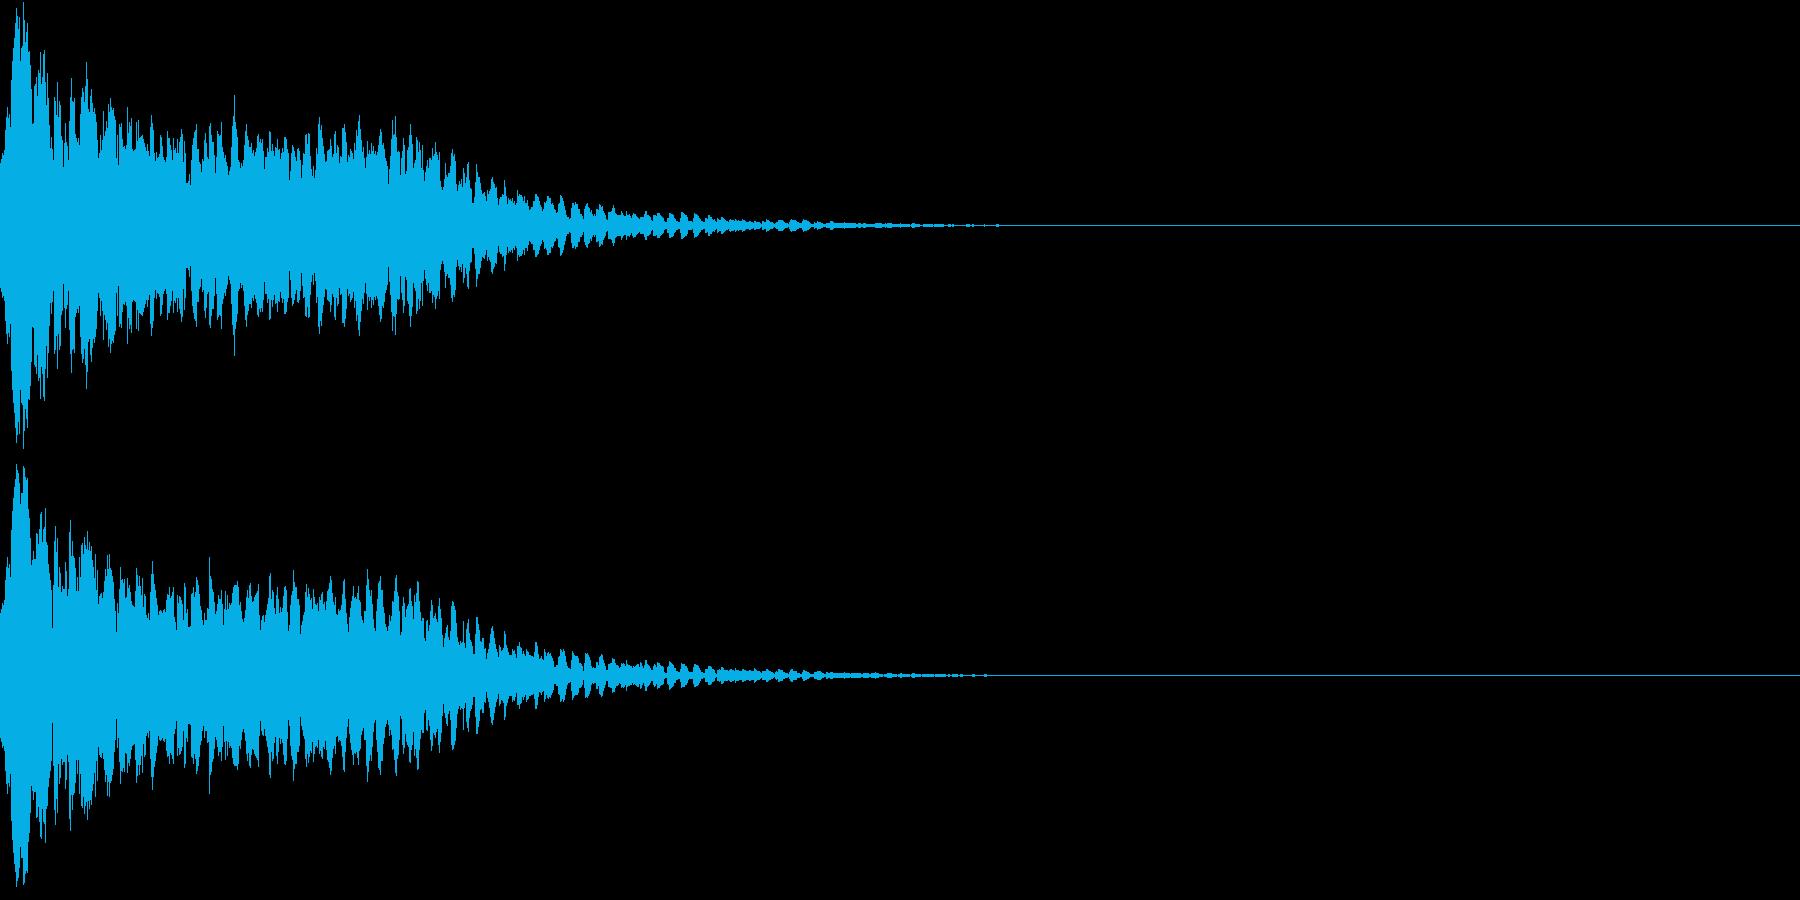 キュイン ボタン ピキーン キーン 35の再生済みの波形